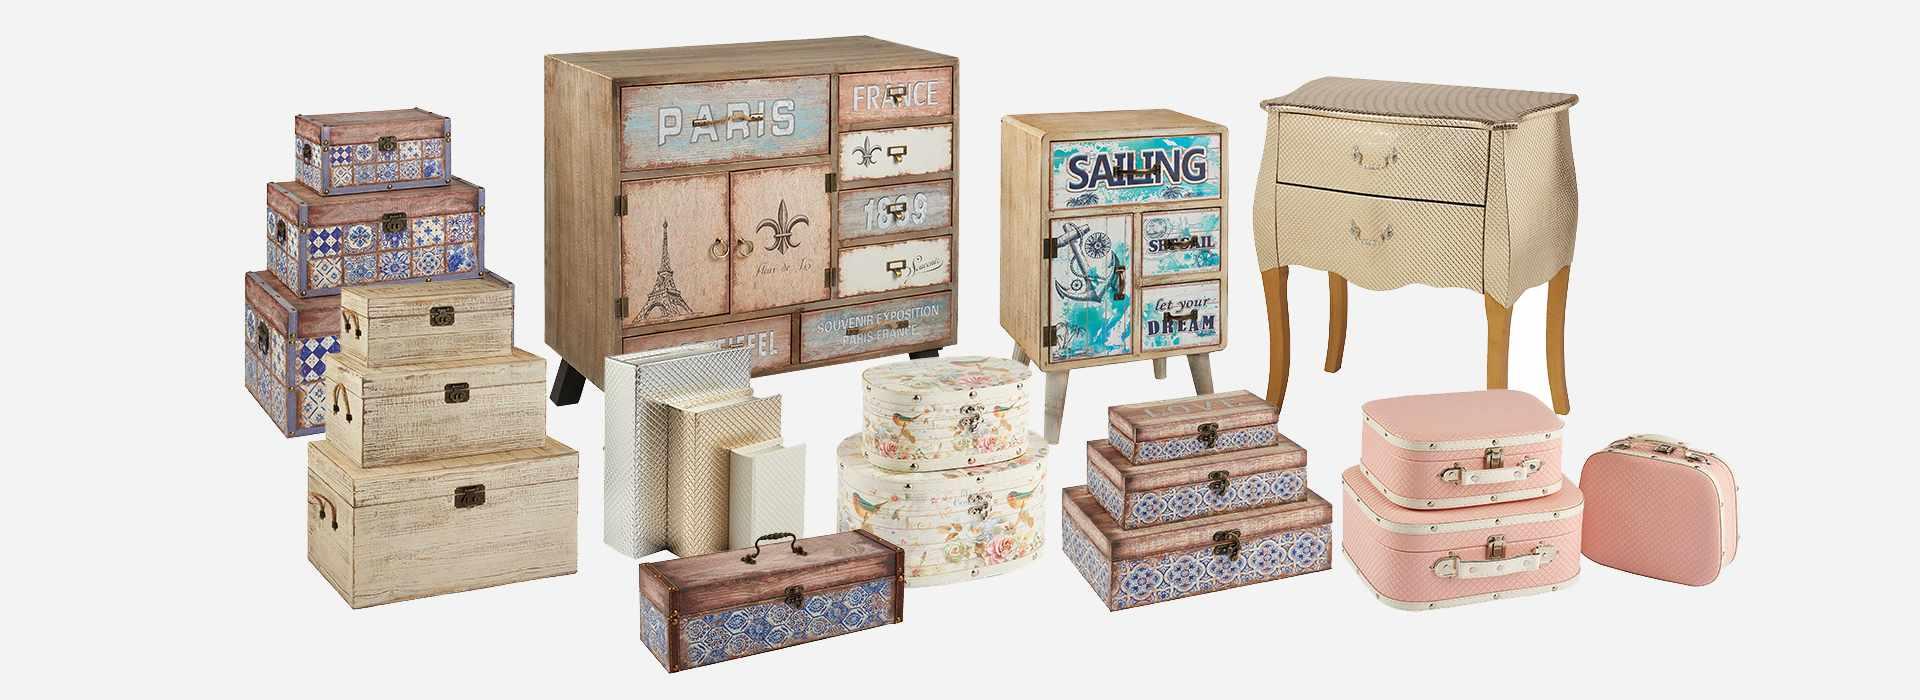 Wholesale Vintage Home Decor Suppliers Wholesale Vintage Home Decorators Catalog Best Ideas of Home Decor and Design [homedecoratorscatalog.us]